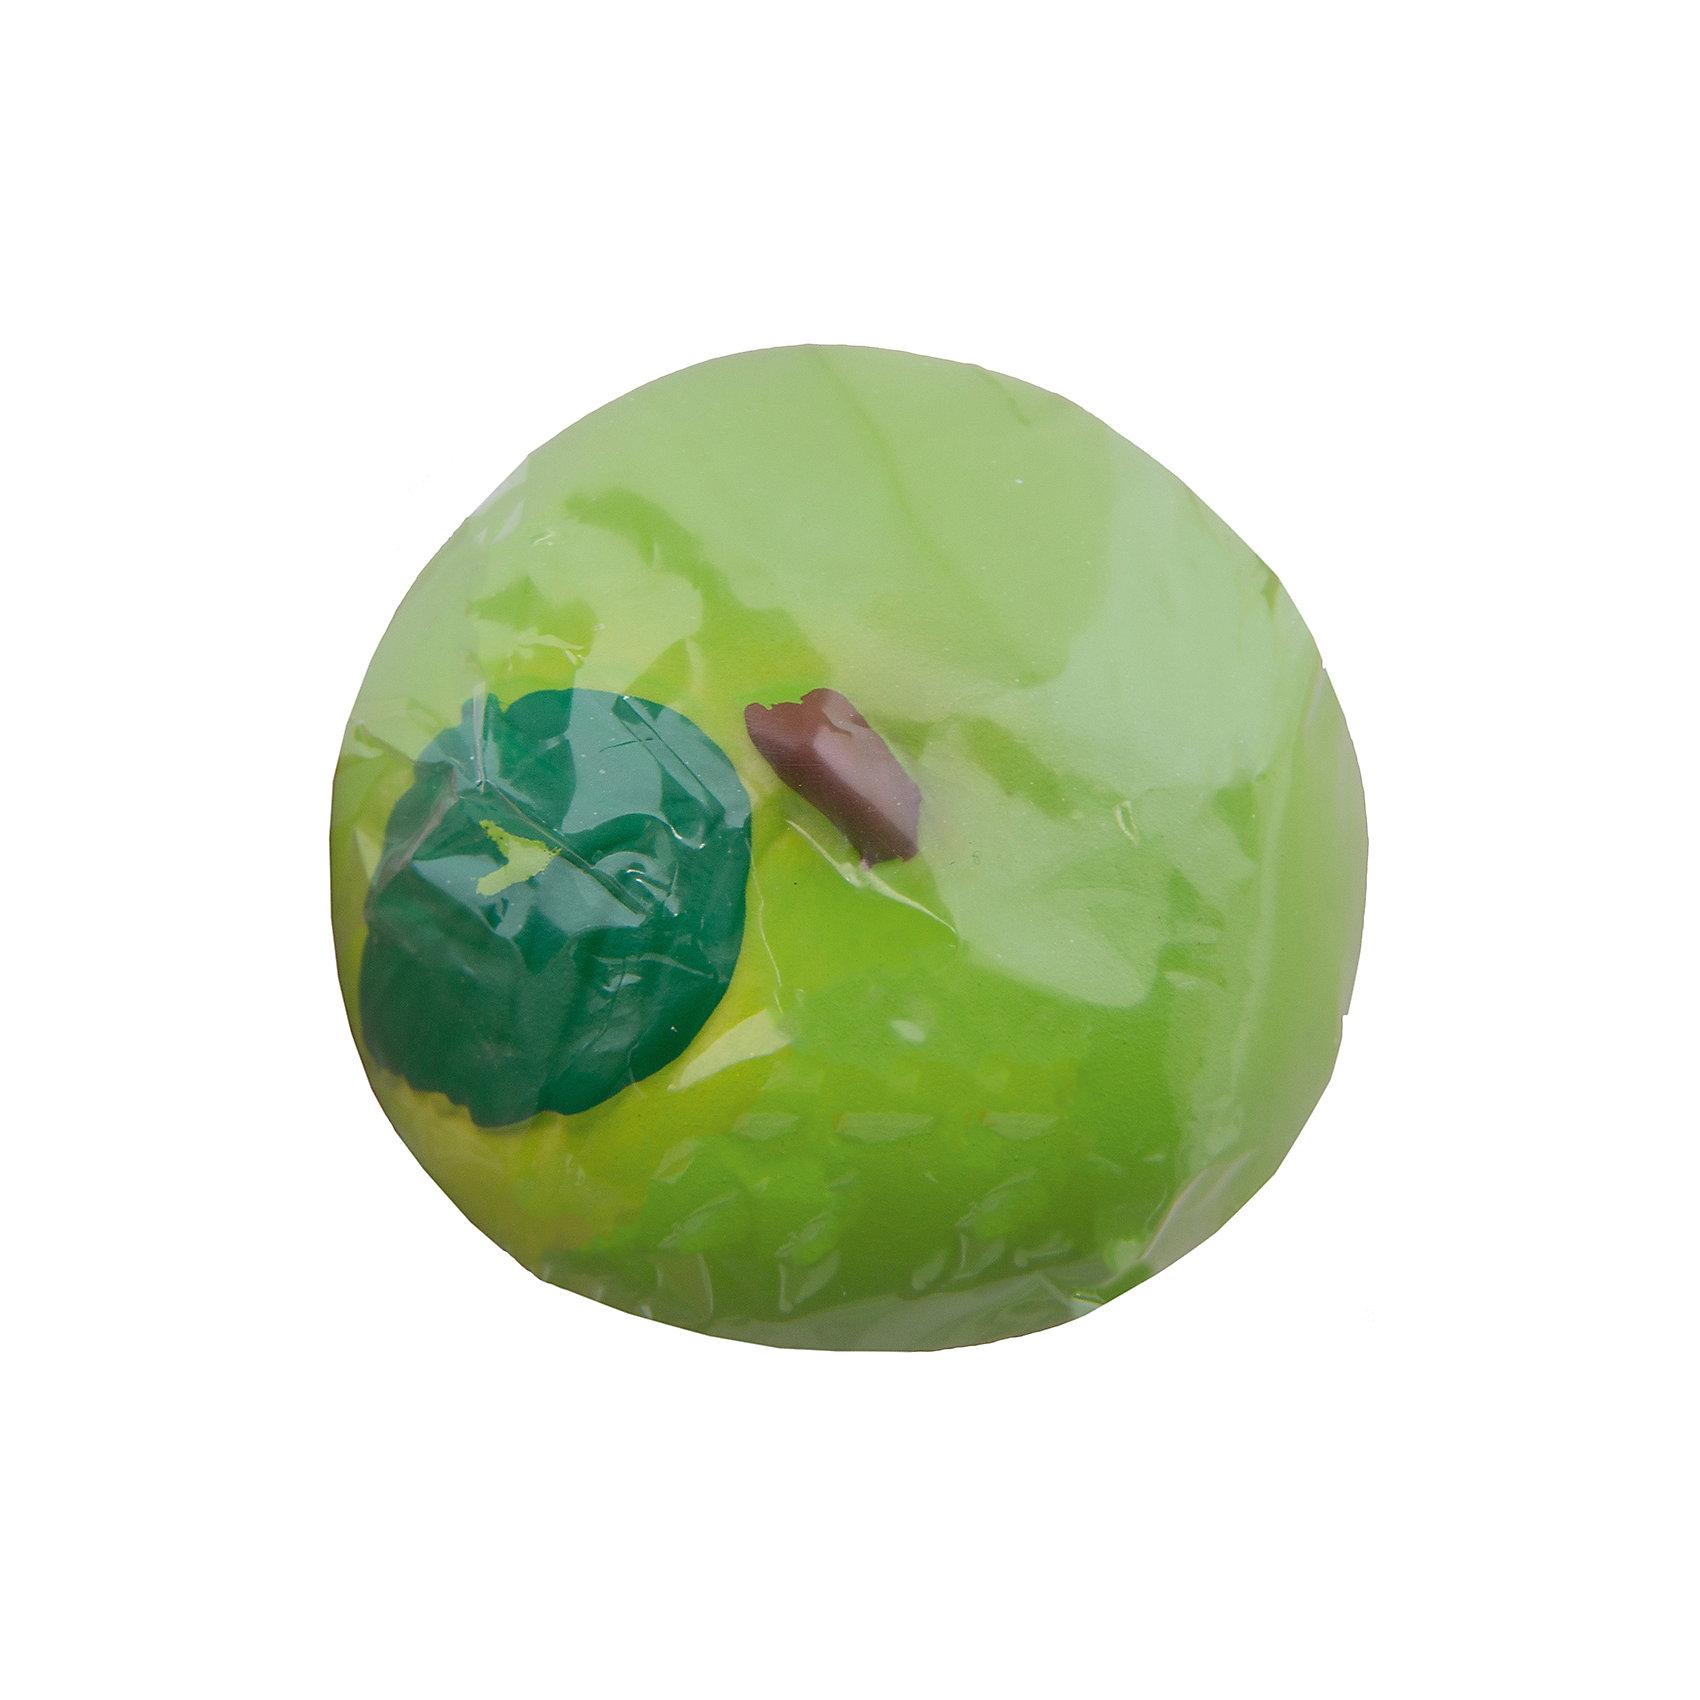 Яблоко ПВХ, КудесникиИгрушки ПВХ<br>Яблоко ПВХ, Кудесники<br><br>Характеристики:<br><br>• Материал: ПВХ.<br>• Размер: 6 см.<br><br>Отличная игрушка из мягкого ПВХ надолго займет внимание вашего малыша. Эта игрушка поможет малышу при прорезывании зубов, поможет развивать моторику рук, знакомить с формой, цветом, образами также с ней можно забавно поиграть в ванной. Яркий образ румяного яблочка поможет ребенку придумывать различные сюжетно-ролевые игры.<br><br>Яблоко ПВХ, Кудесники, можно купить в нашем интернет - магазине.<br><br>Ширина мм: 60<br>Глубина мм: 60<br>Высота мм: 55<br>Вес г: 52<br>Возраст от месяцев: 12<br>Возраст до месяцев: 36<br>Пол: Унисекс<br>Возраст: Детский<br>SKU: 4896454